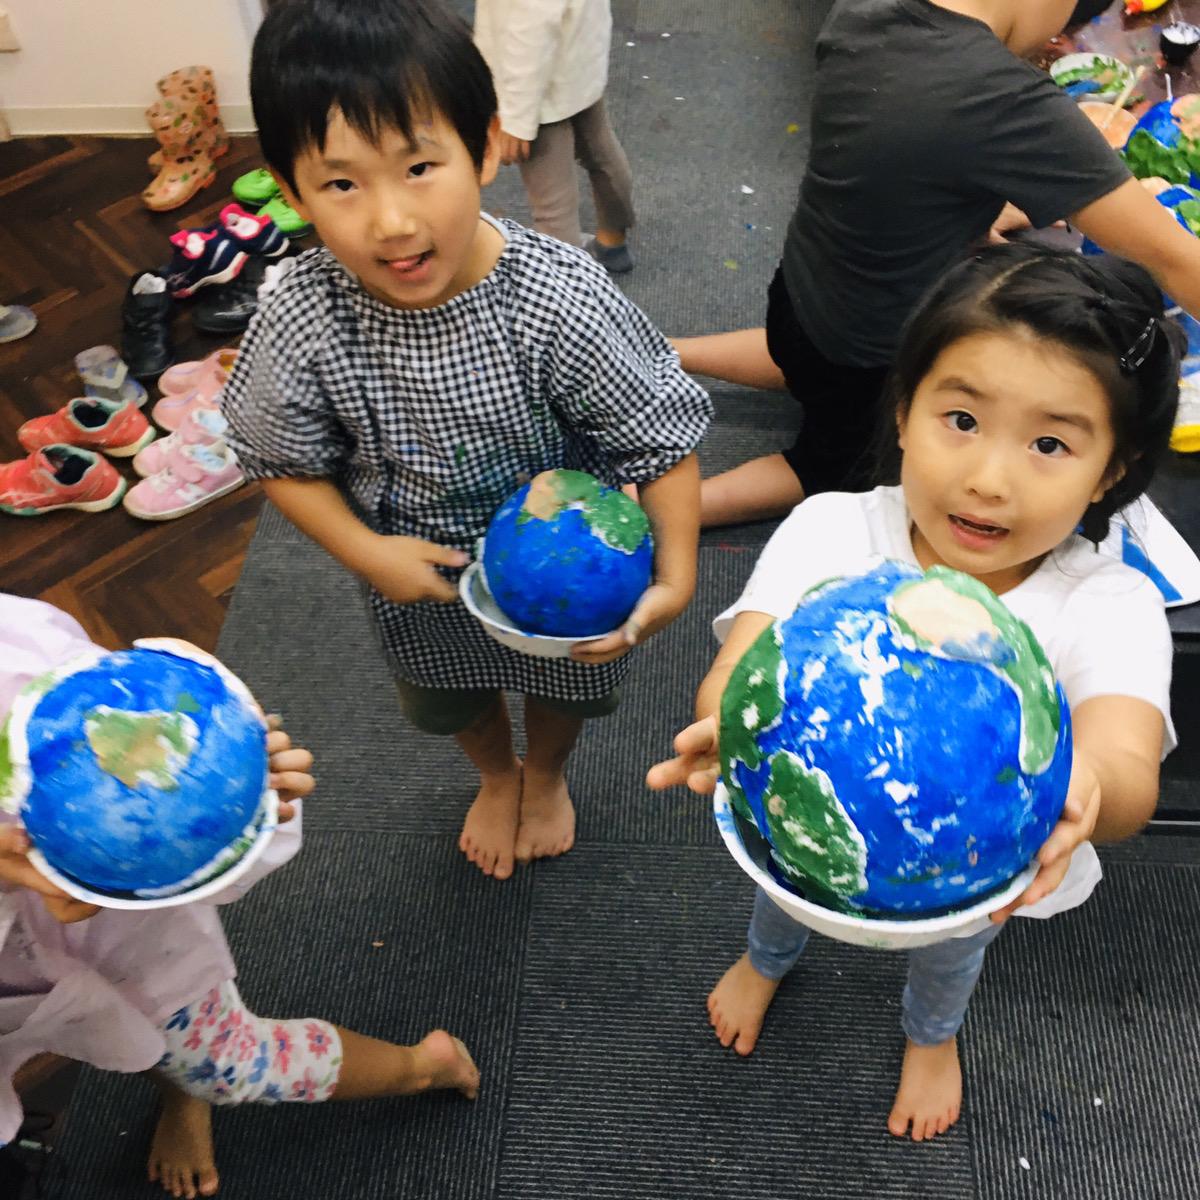 【地球をつくる!】紙粘土や和紙を使った手作り地球儀